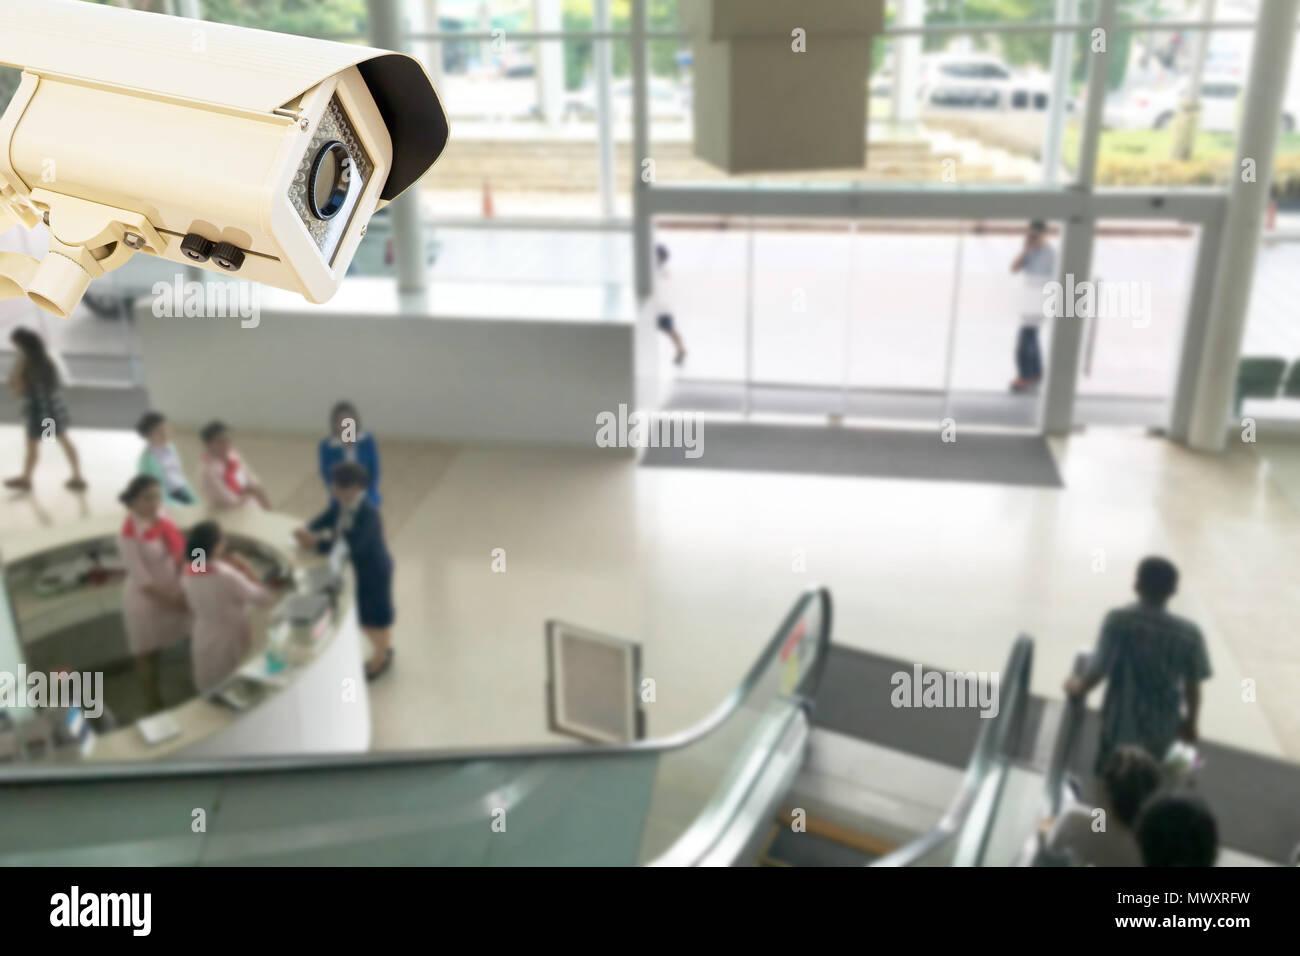 La cámara de CCTV en operativo de relaciones públicas del centro hospital fondo desenfocado. Foto de stock